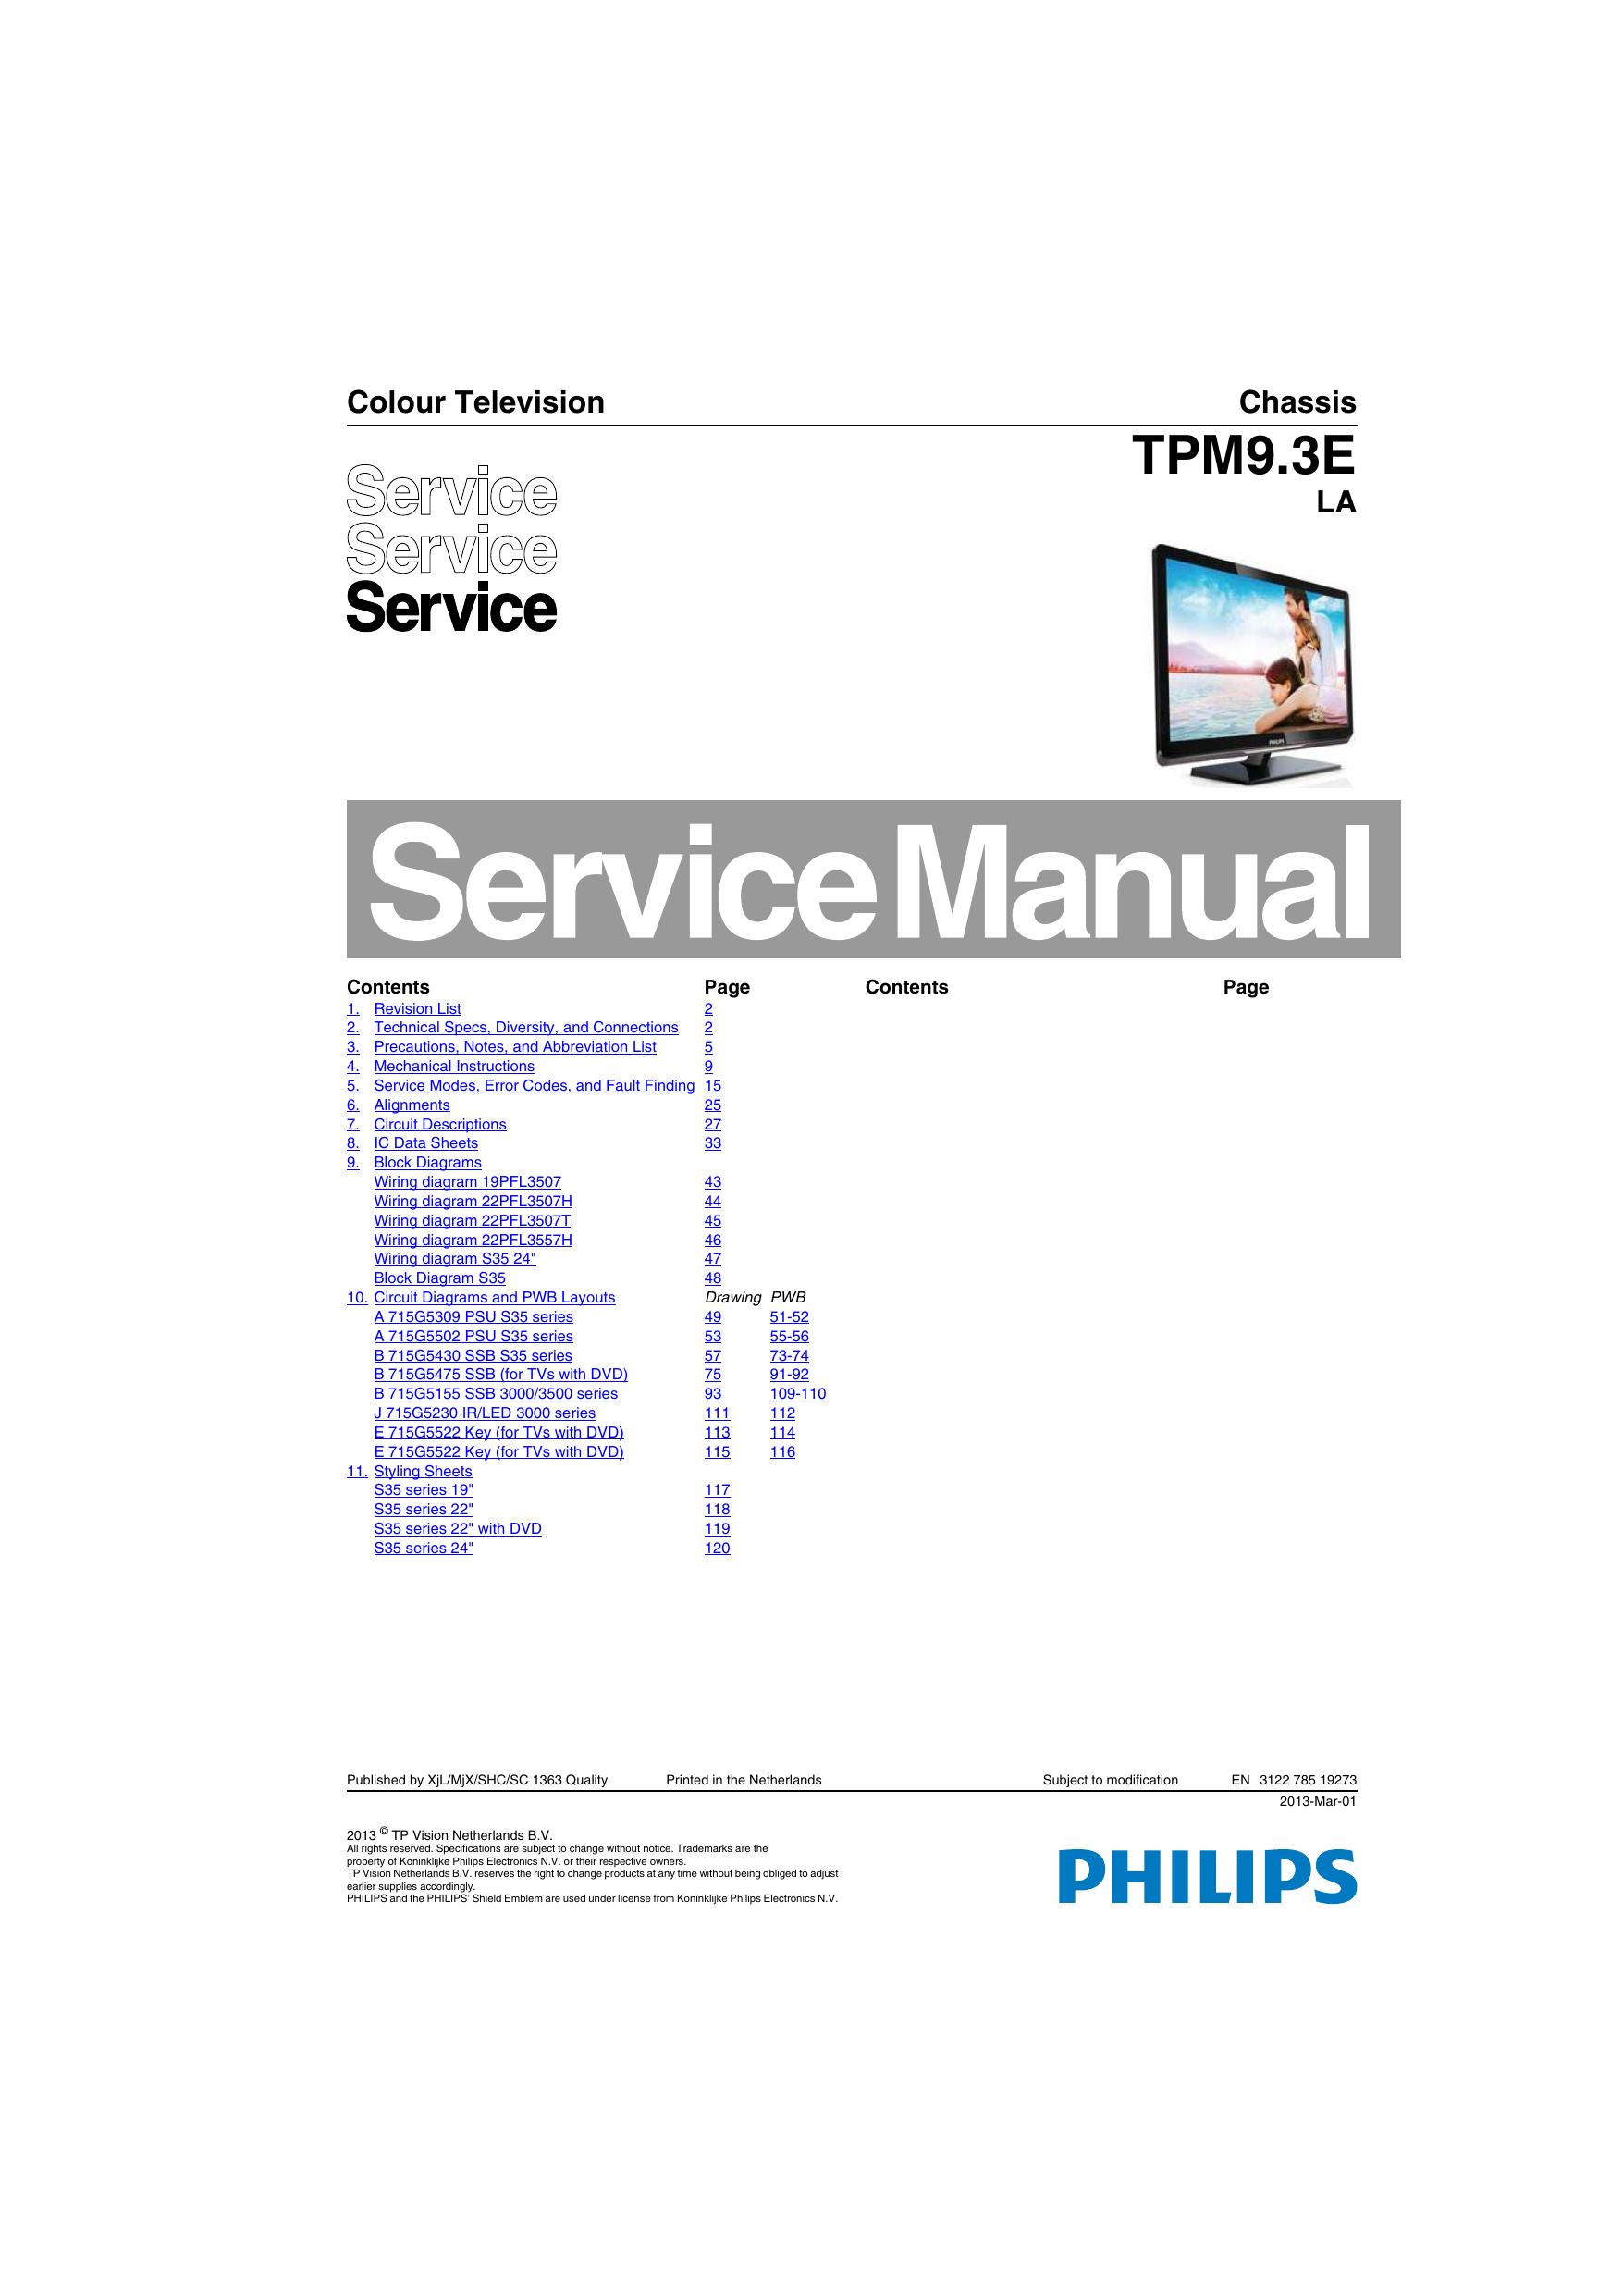 TPM9.3E - SD | manualzz.com on